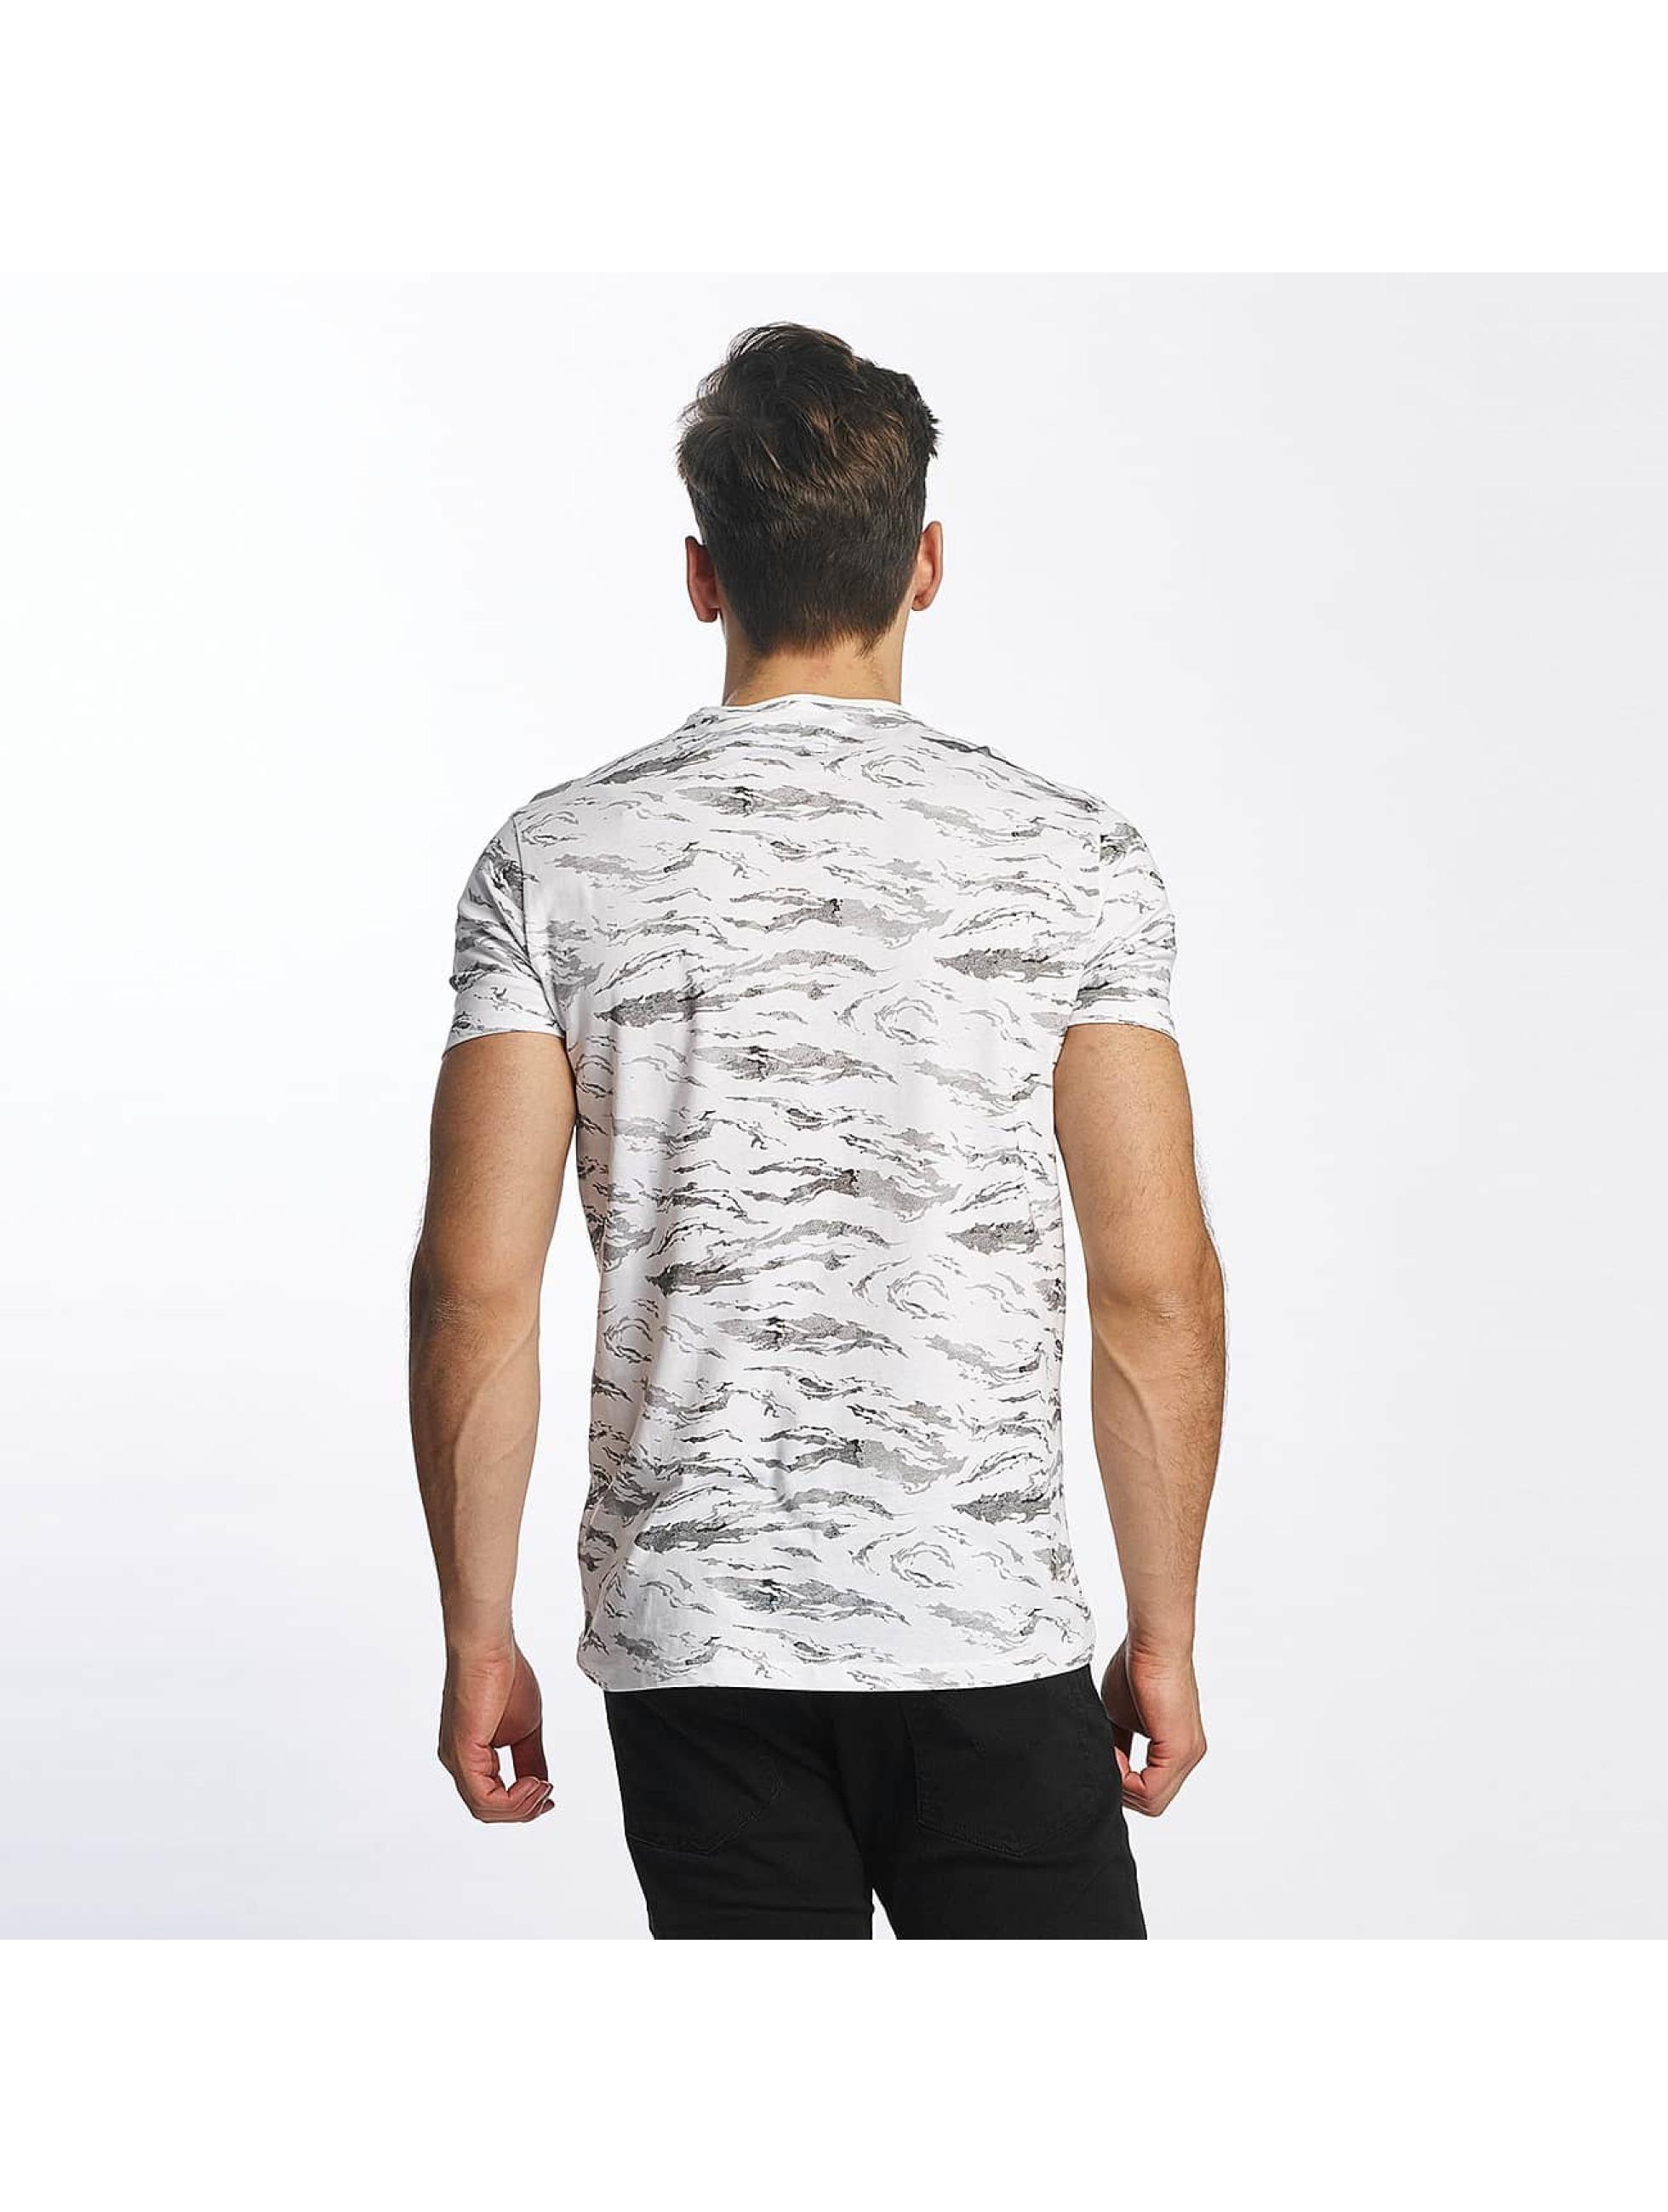 SHINE Original T-Shirt All Over Print weiß